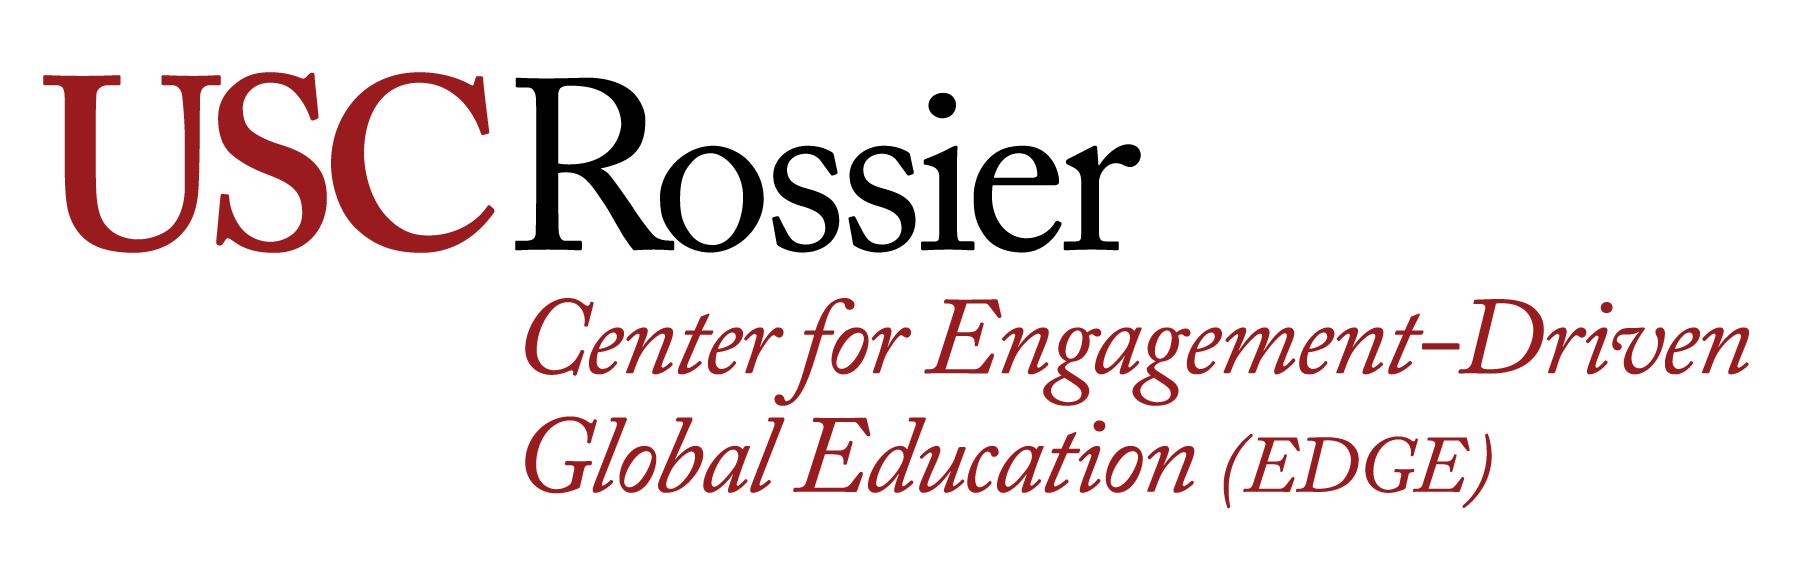 Informal Horizontal_USC_Rossier_Center_Engagement_Driven_Global_Education_EDGE_CardOnWhite.jpg